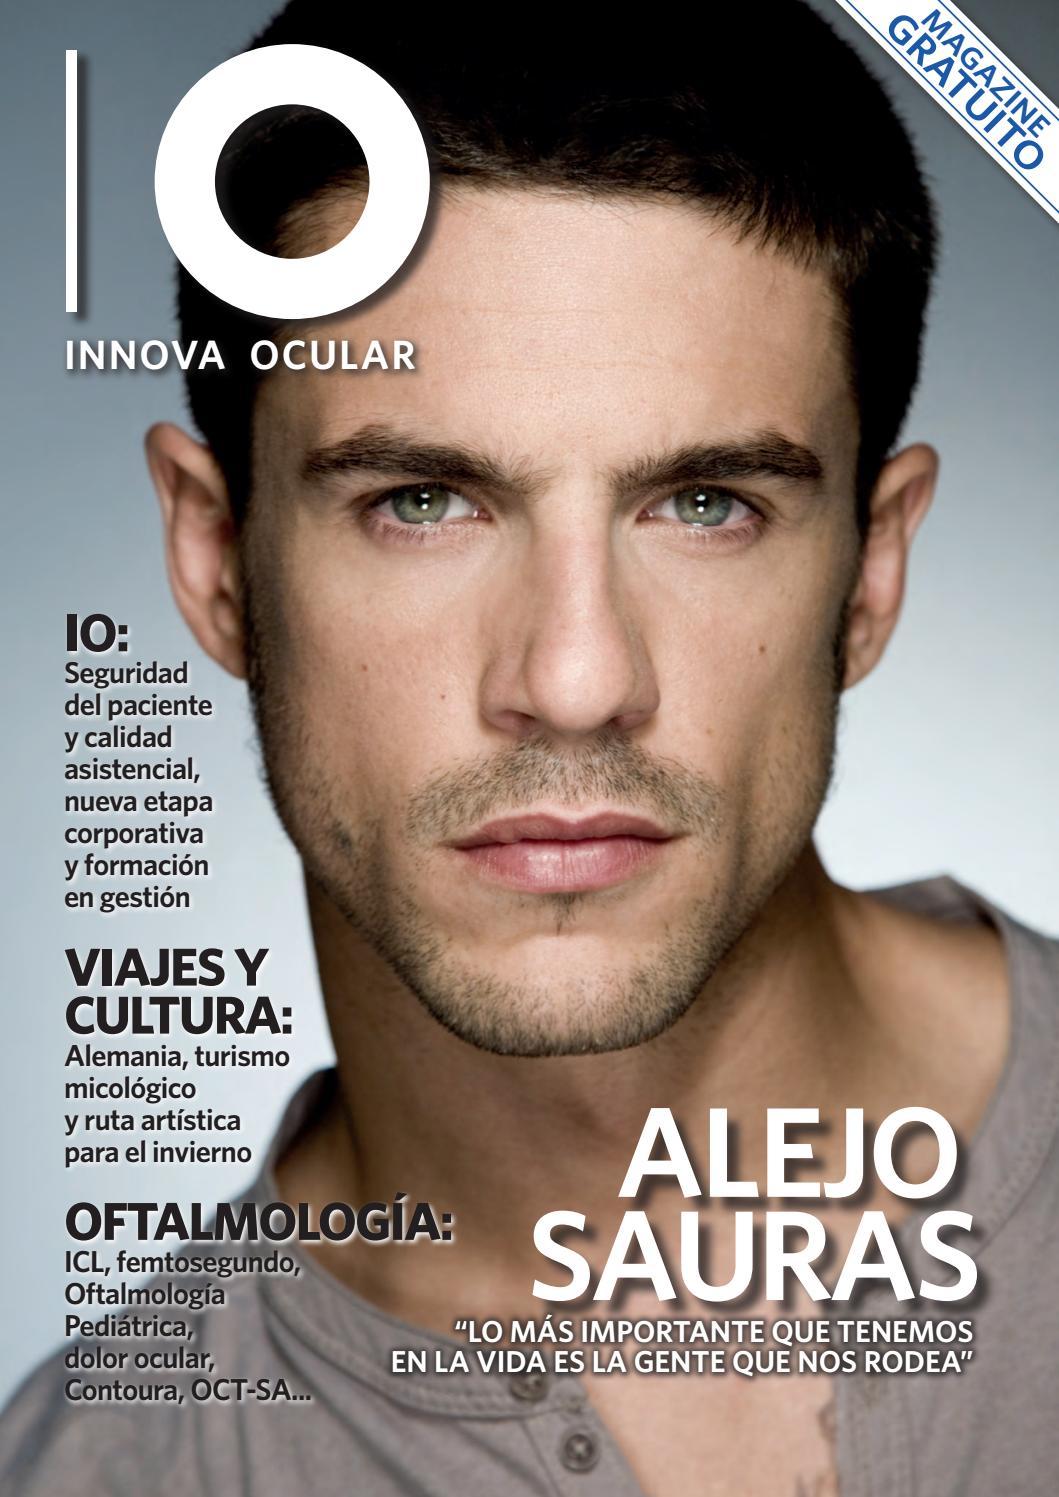 Revista Innova Ocular #27 by Clínica Oftalmológica Dr. Soler - issuu